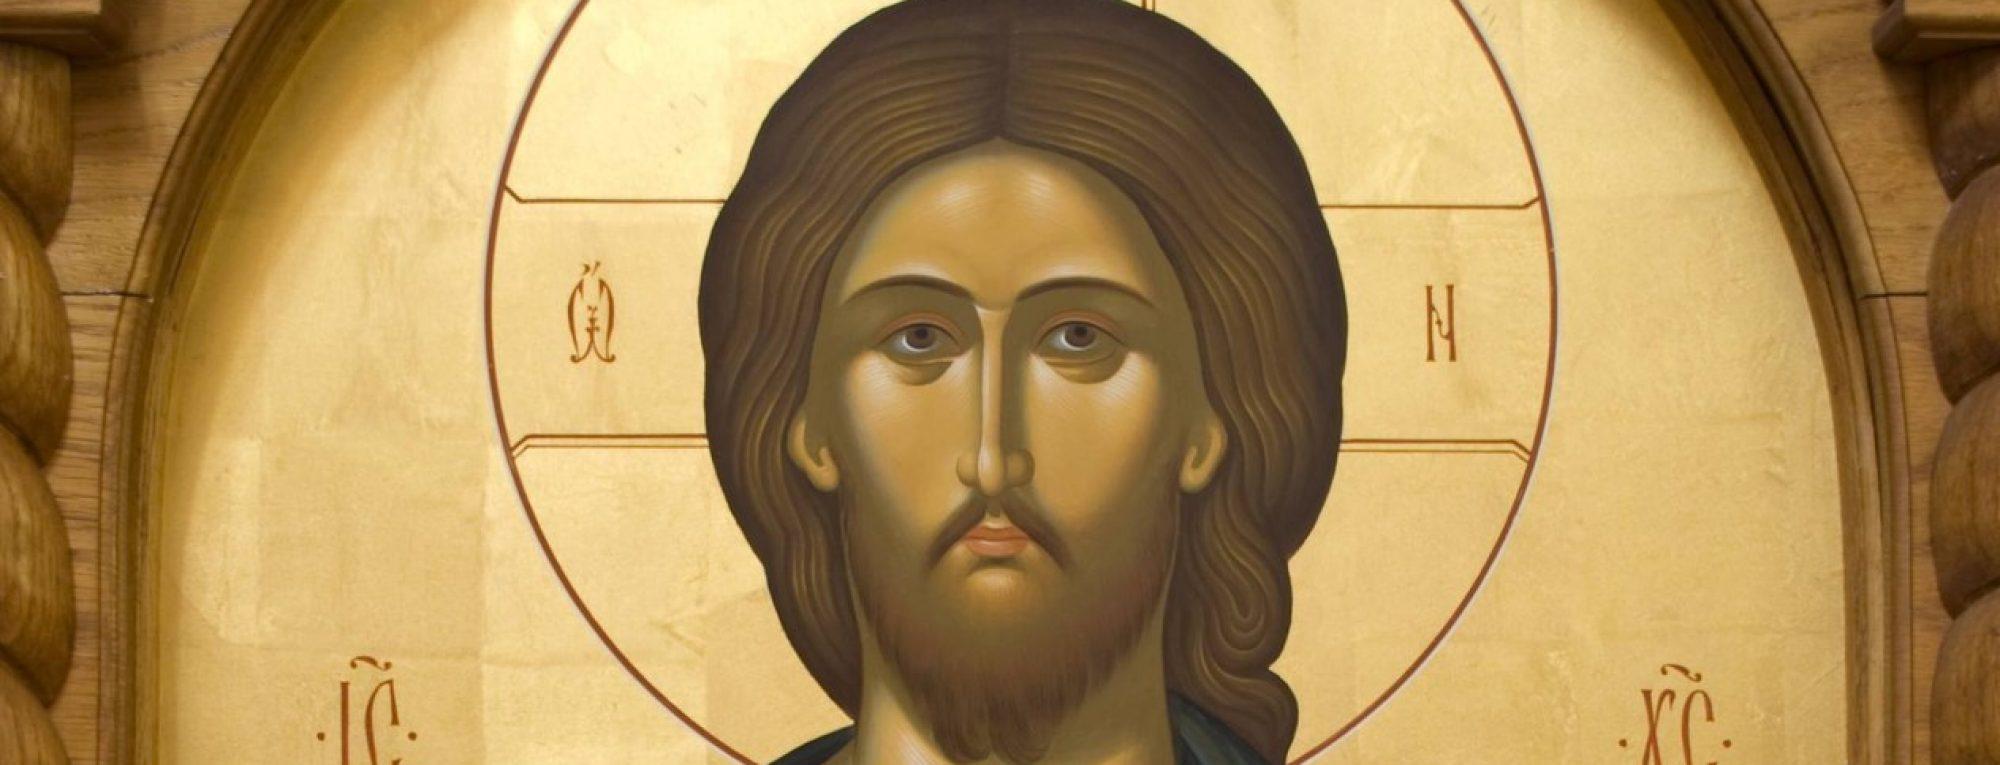 BPM Orthodox